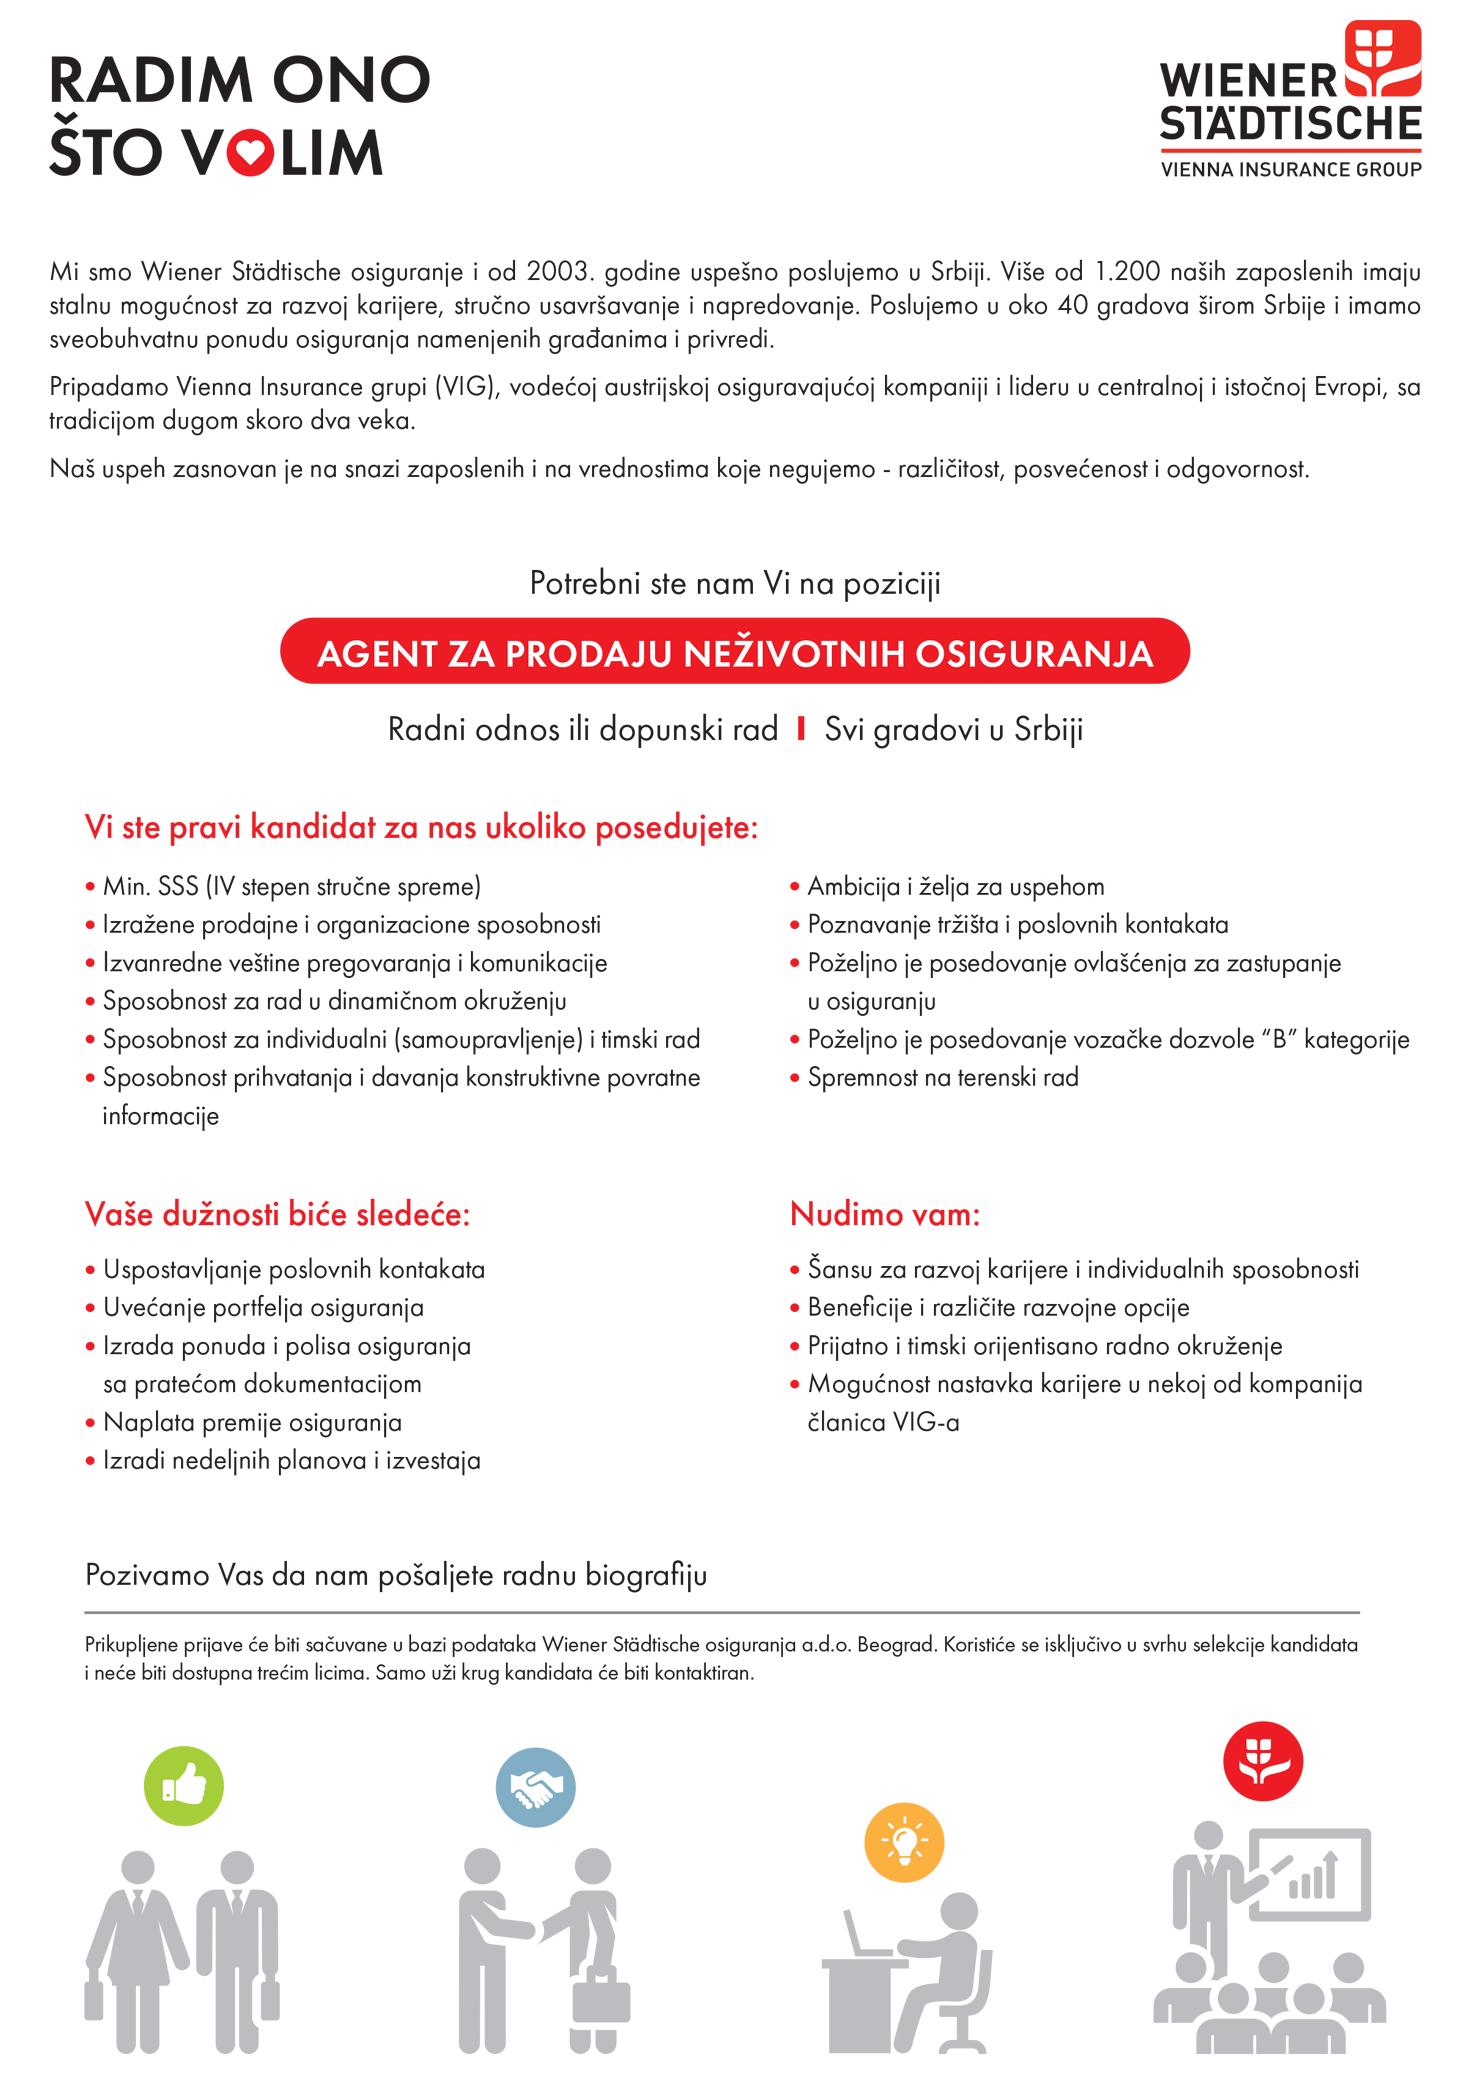 agent-za-prodaju-nezivotnih-osiguranja-oglas-za-posao-wiener-stadtische-osiguranje